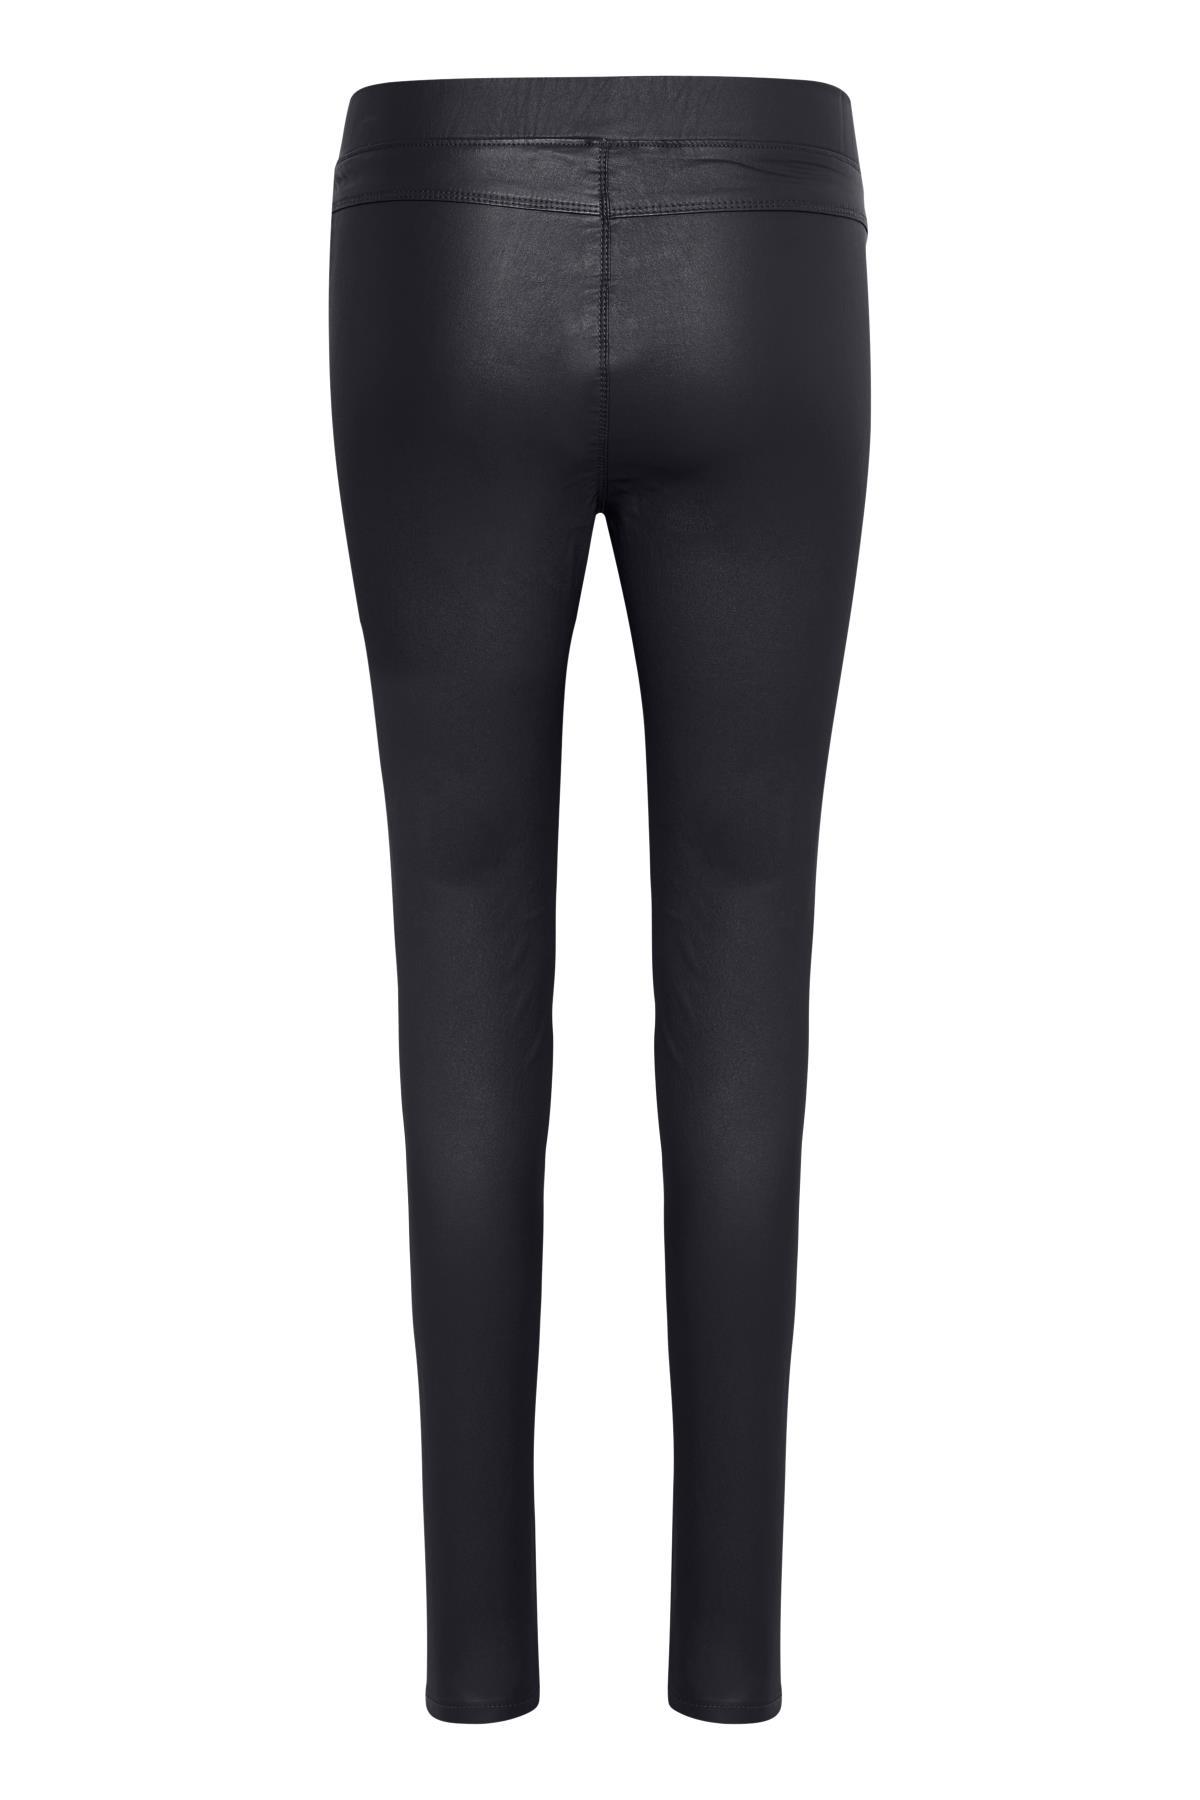 Marineblå Casual bukser fra Kaffe – Køb Marineblå Casual bukser fra str. 34-46 her